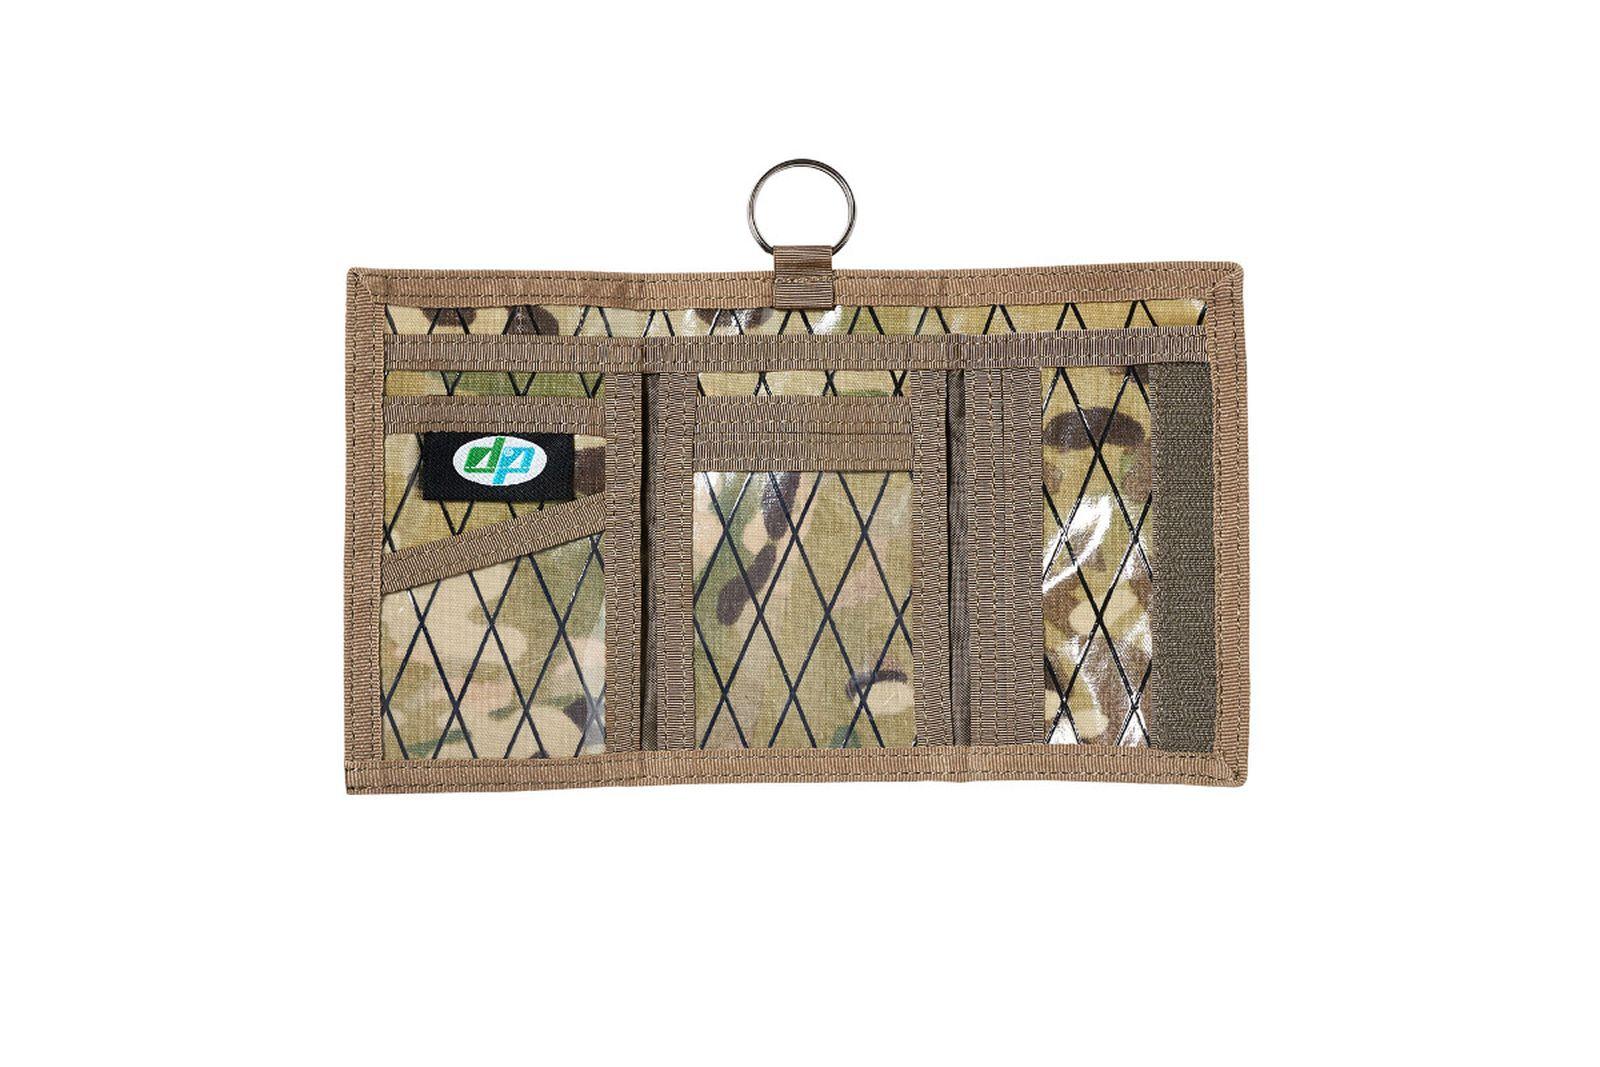 Palace 2019 Autumn Bag Wallet camo green